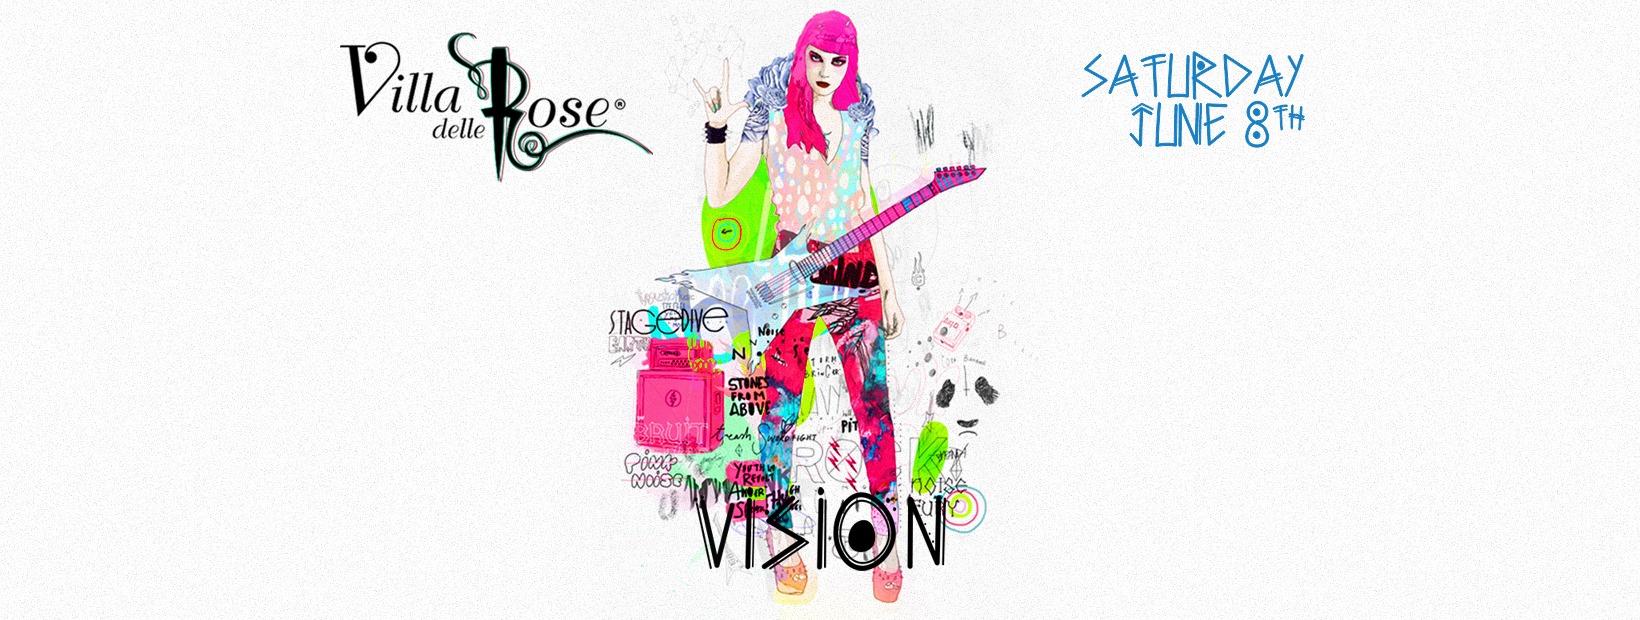 Vision Villa Delle Rose – Sabato 8 Giugno 2019 – Ticket-Biglietti 18app – Tavoli – Pacchetti Hotel